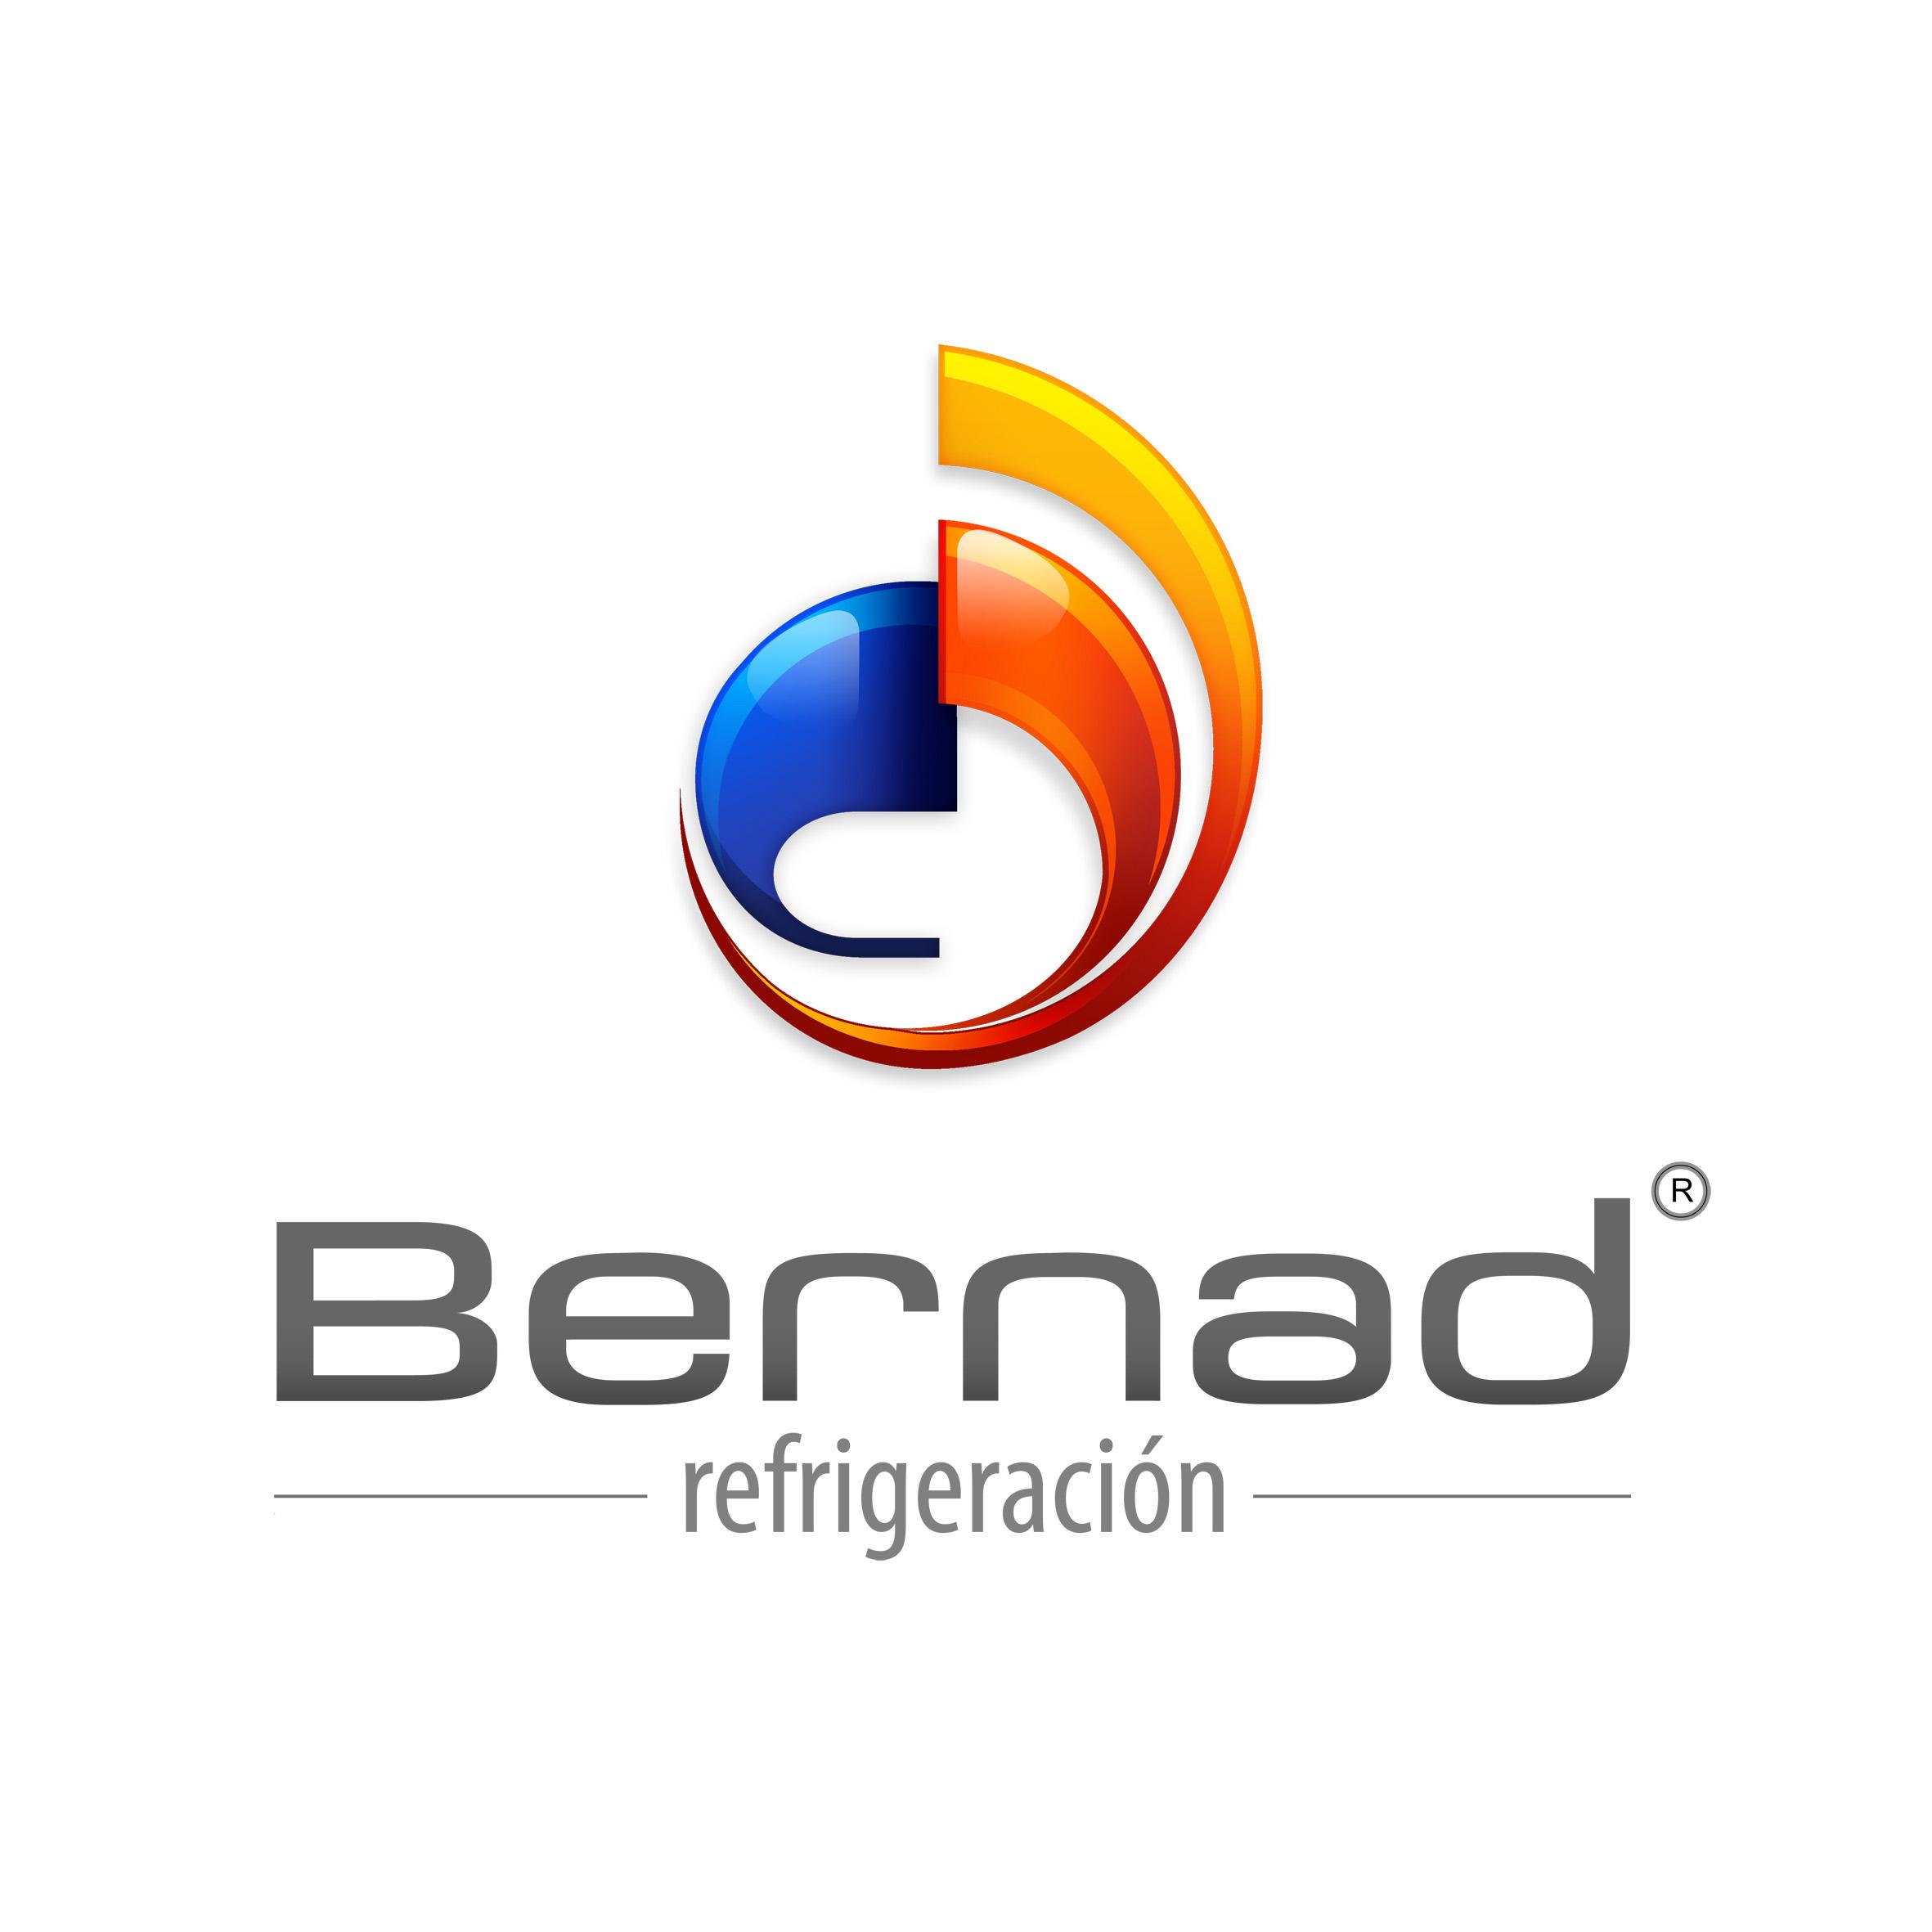 José Bernad